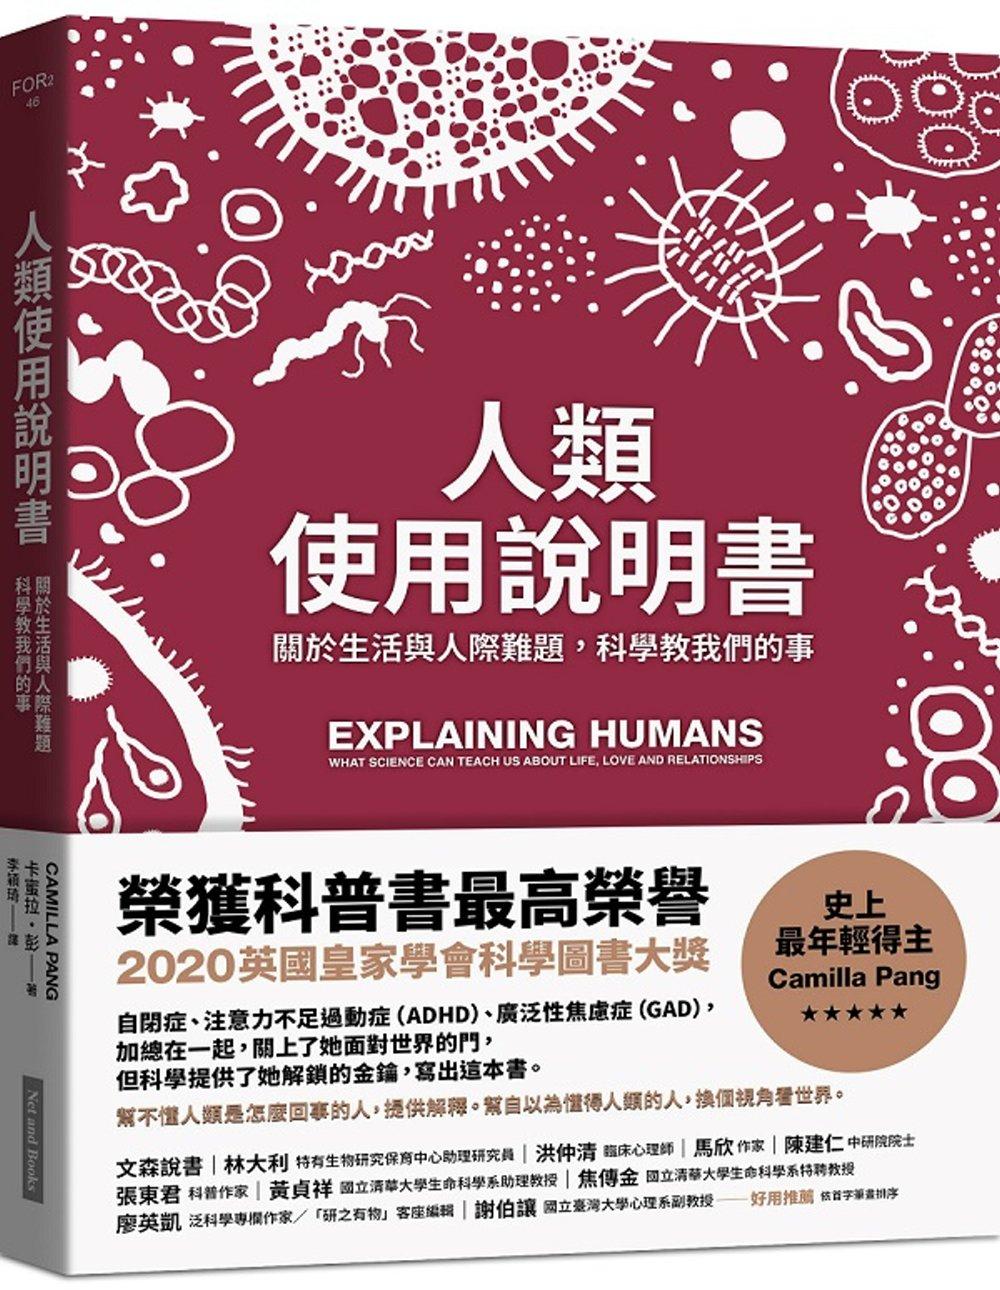 人類使用說明書:關於生活與人際難題,科學教我們的事